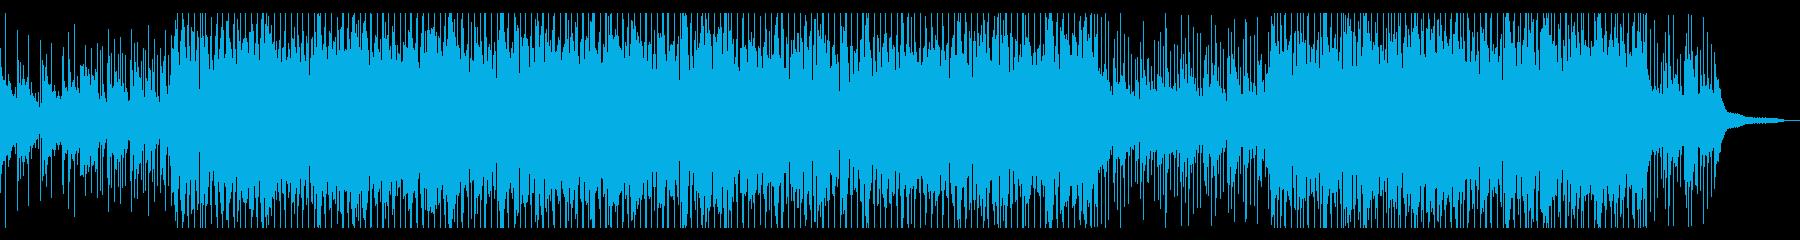 切ない雰囲気のトロピカルハウスピアノの再生済みの波形